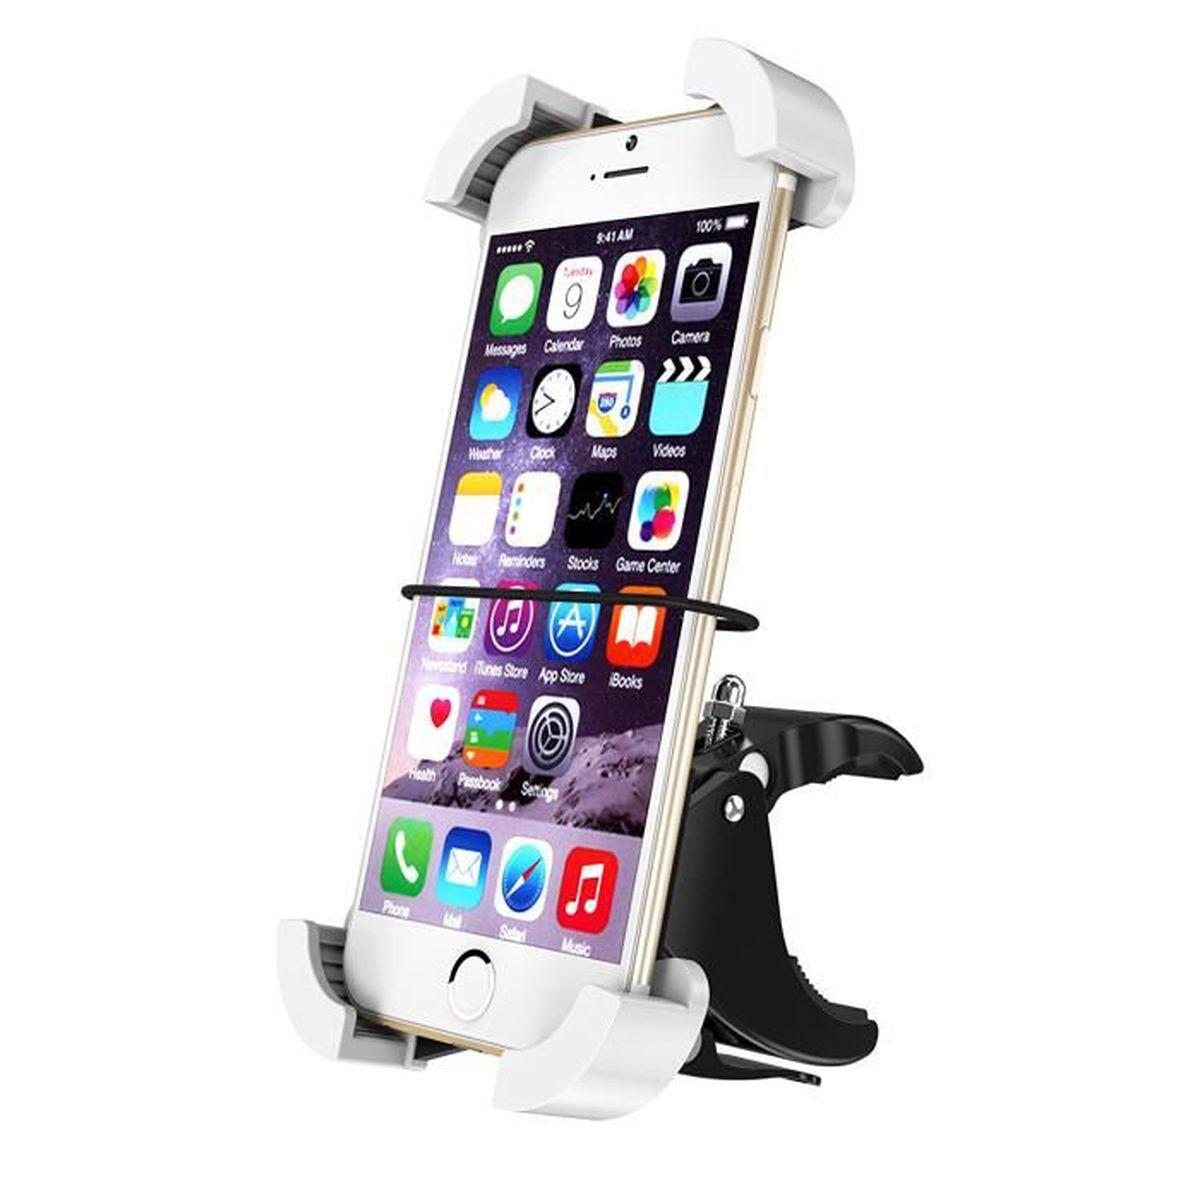 choetech support de t l phone sur v lo moto pour iphone lg g5 htc10 gps et autres. Black Bedroom Furniture Sets. Home Design Ideas